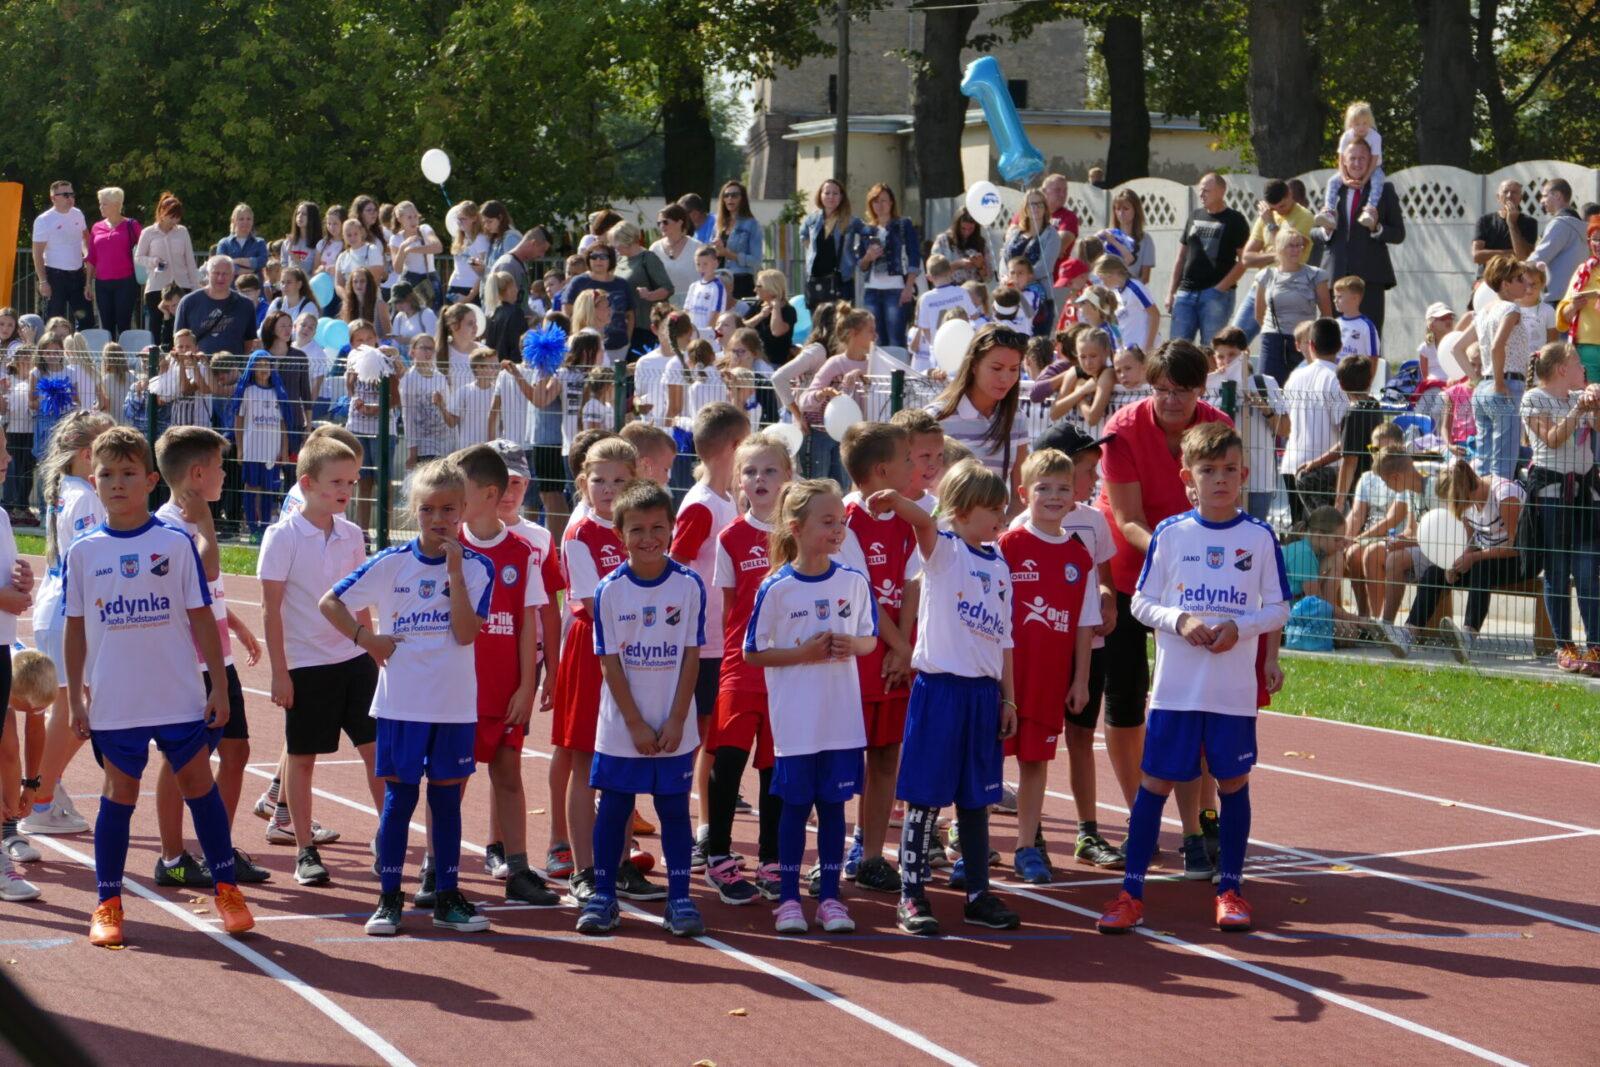 Zawody Lekkoatletyczne dla dzieci z okazji otwarcia Stadionu Miejskiego w Międzyrzeczu.